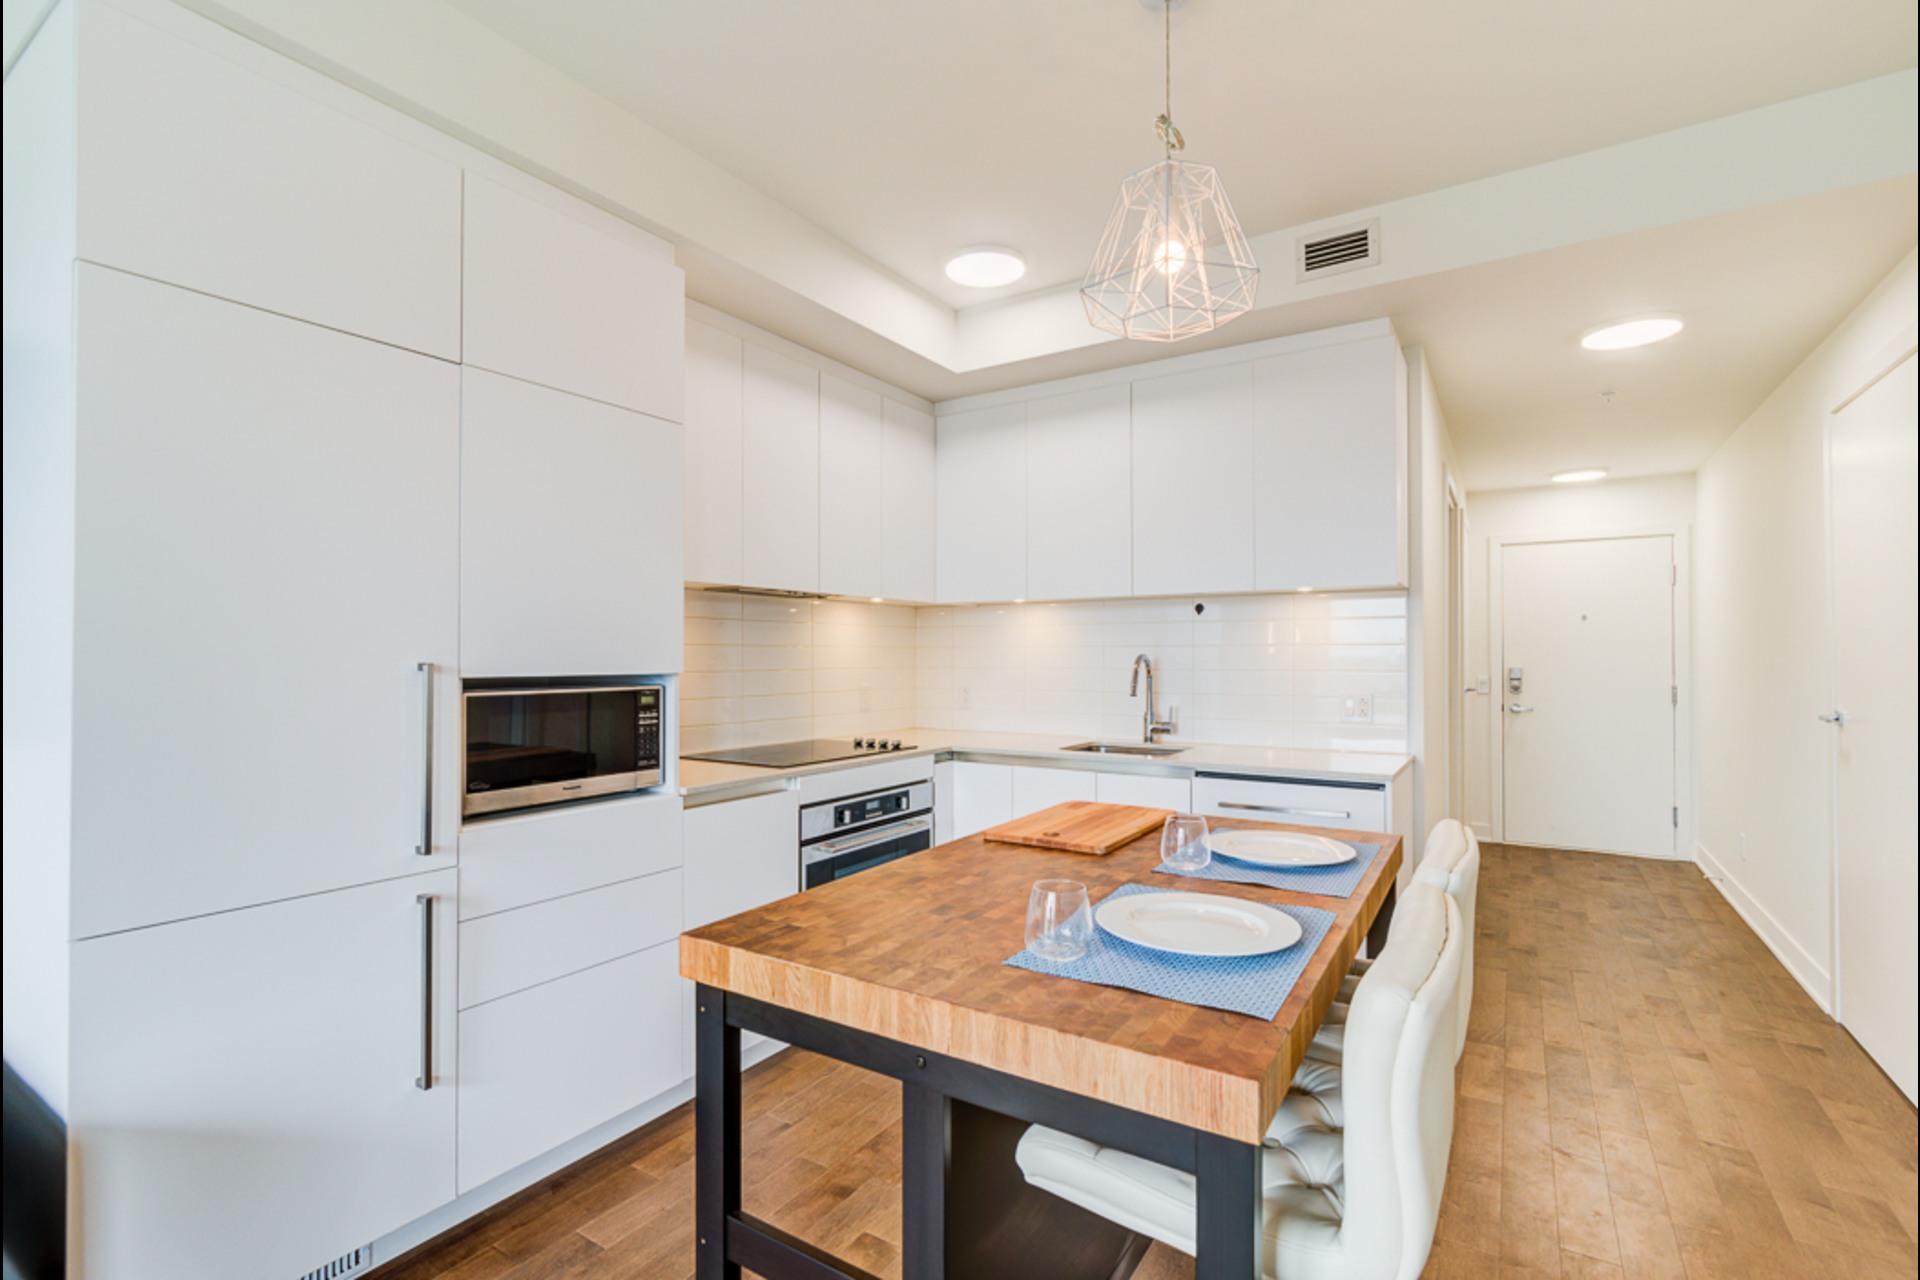 image 16 - Condo For rent Montréal - 4 rooms